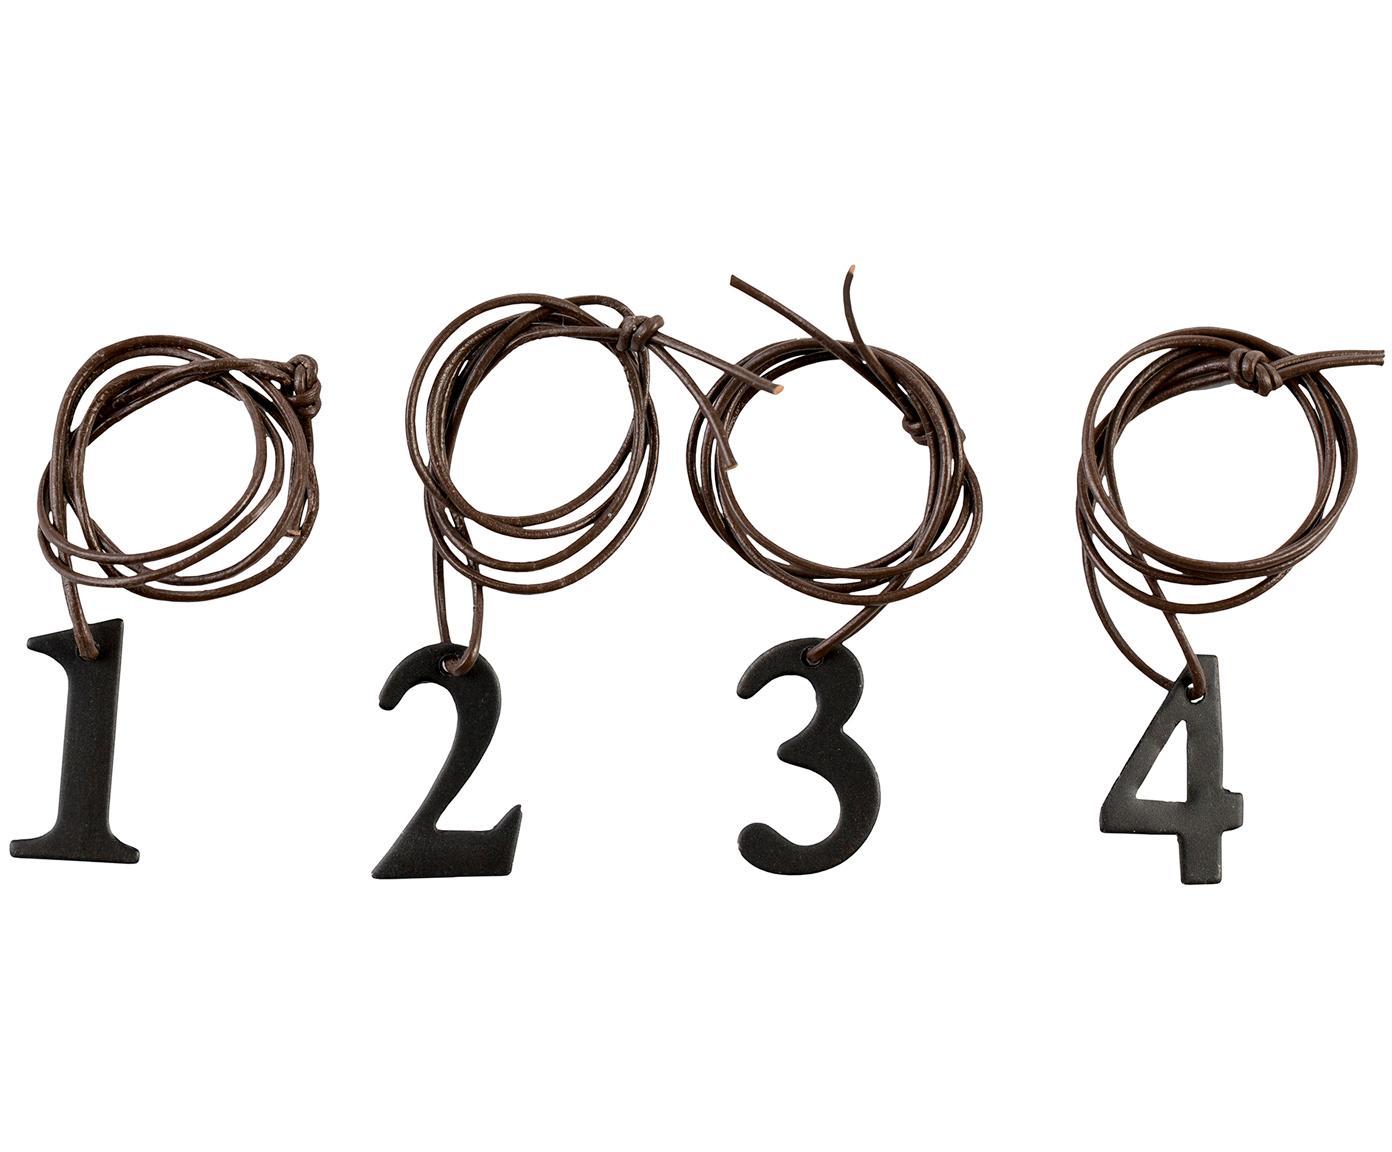 Set de colgantes decorativos Dana Advent Number, 4pzas., Cordón: cuero, Negro, marrón, An 2 x Al 3 cm